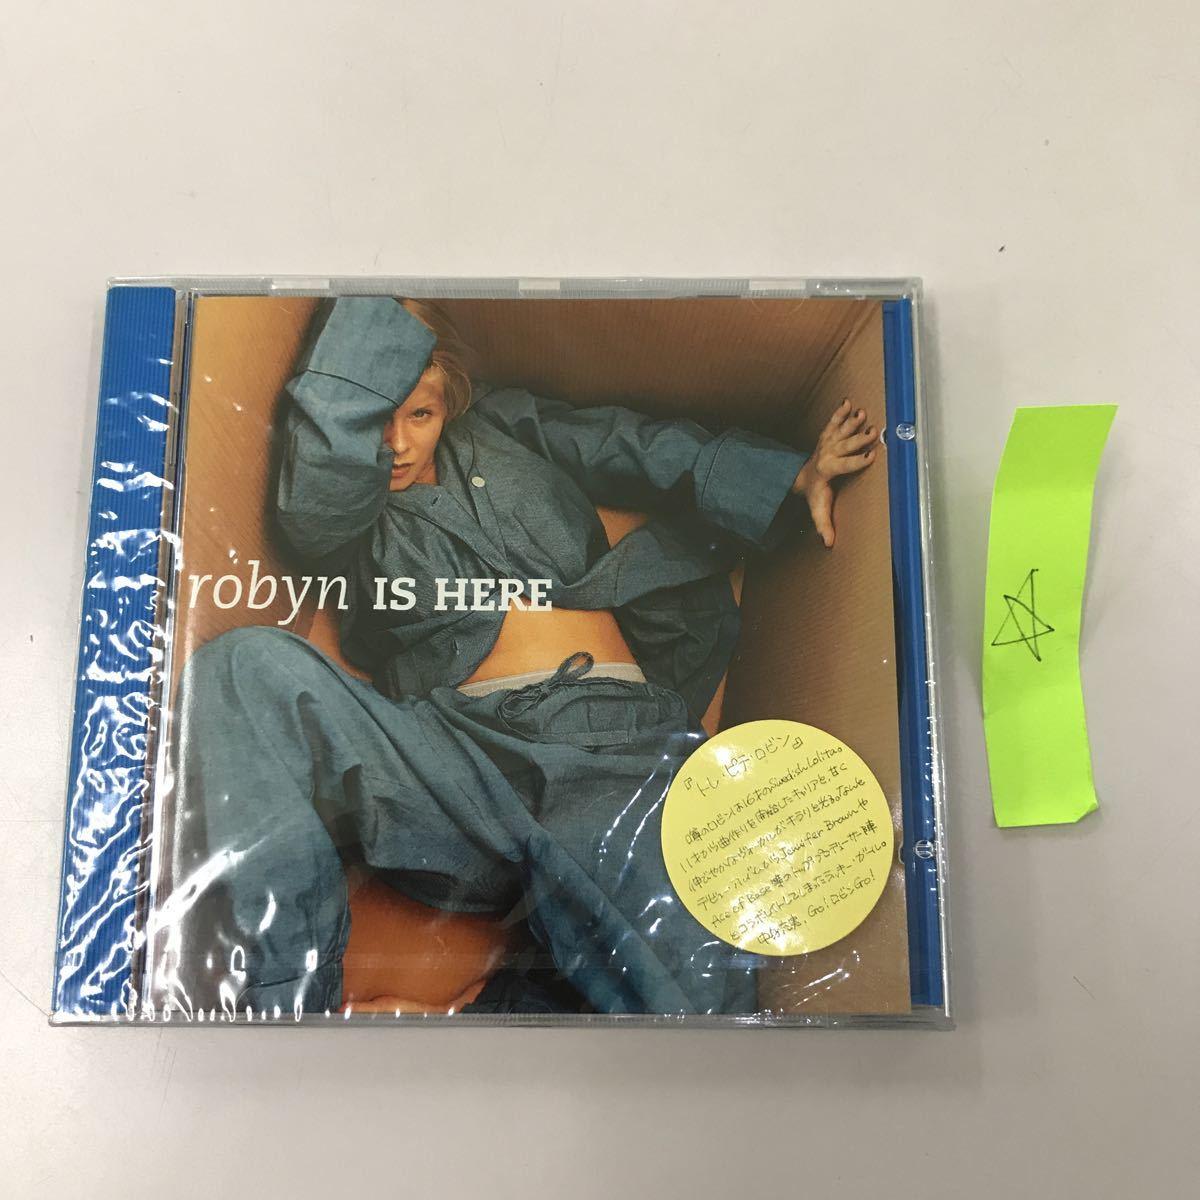 CD 輸入盤未開封【洋楽】長期保存品 robyn IS HARE